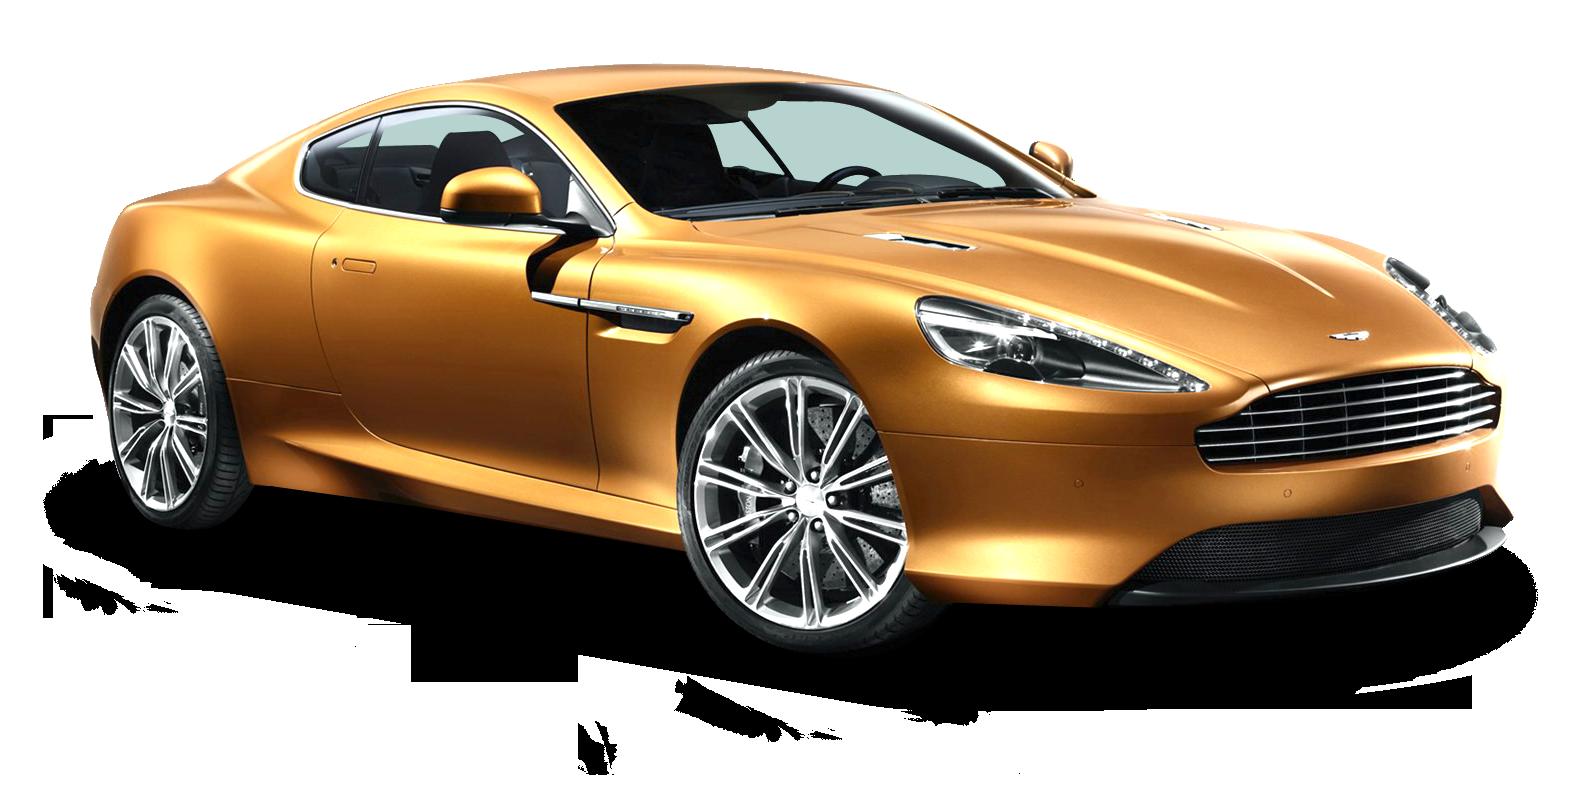 Aston Martin Virage Gold Car Png Image Aston Martin Virage Gold Car Aston Martin